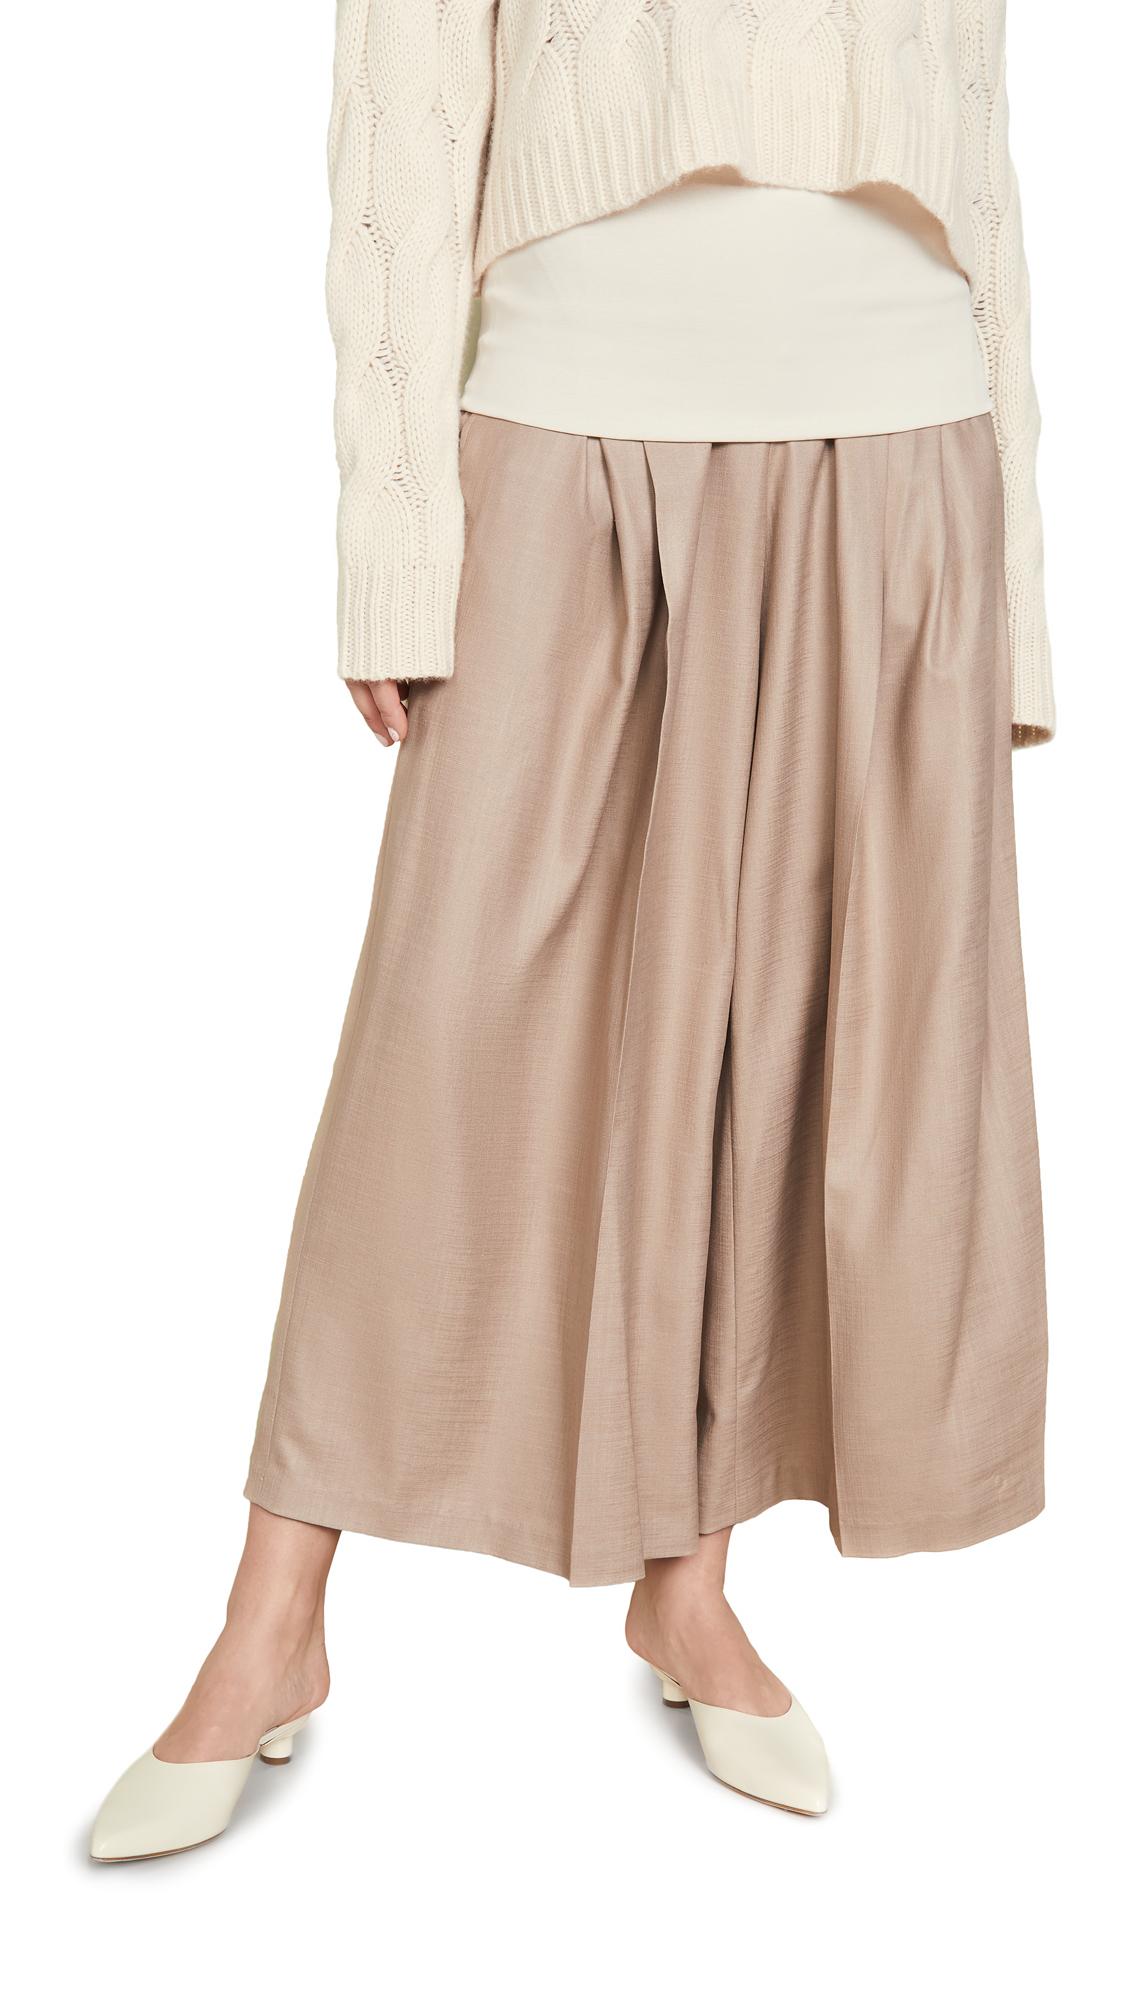 Adeam Convertible Bandeau Pants - Sand